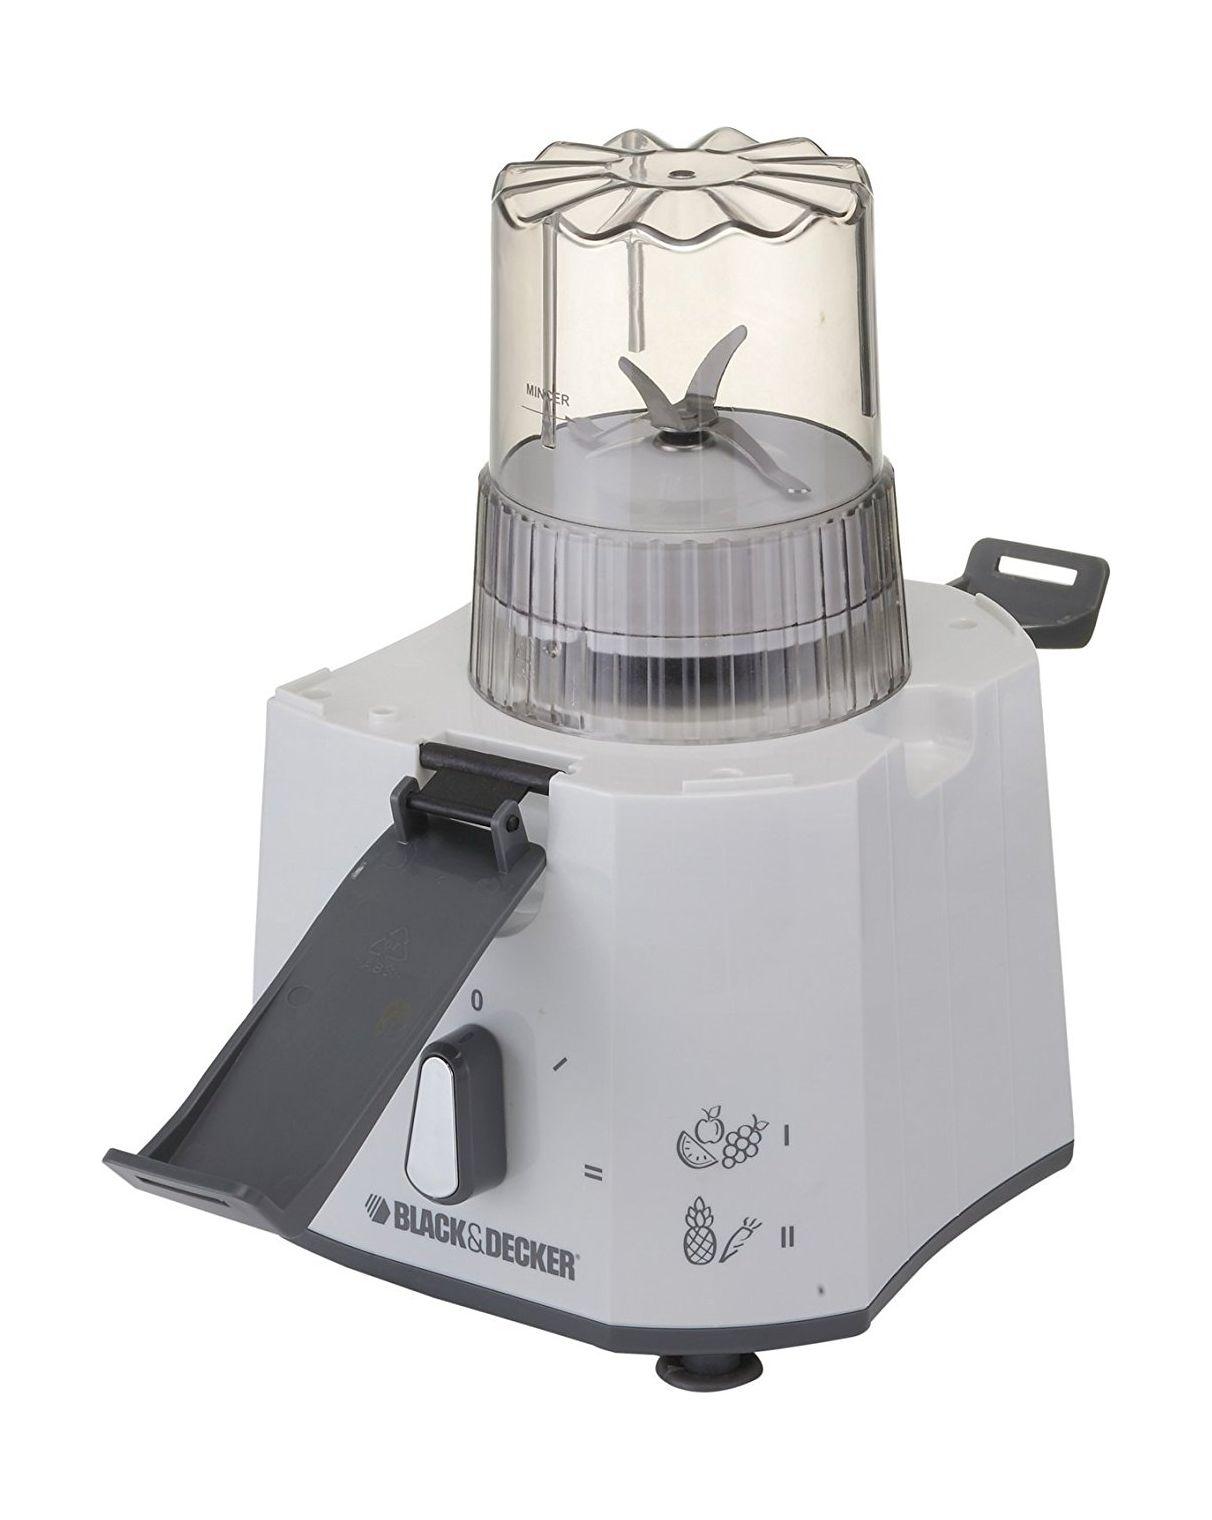 942f6b7093a Black   Decker JBGM600-B Juicer Blender Grinder   Mincer